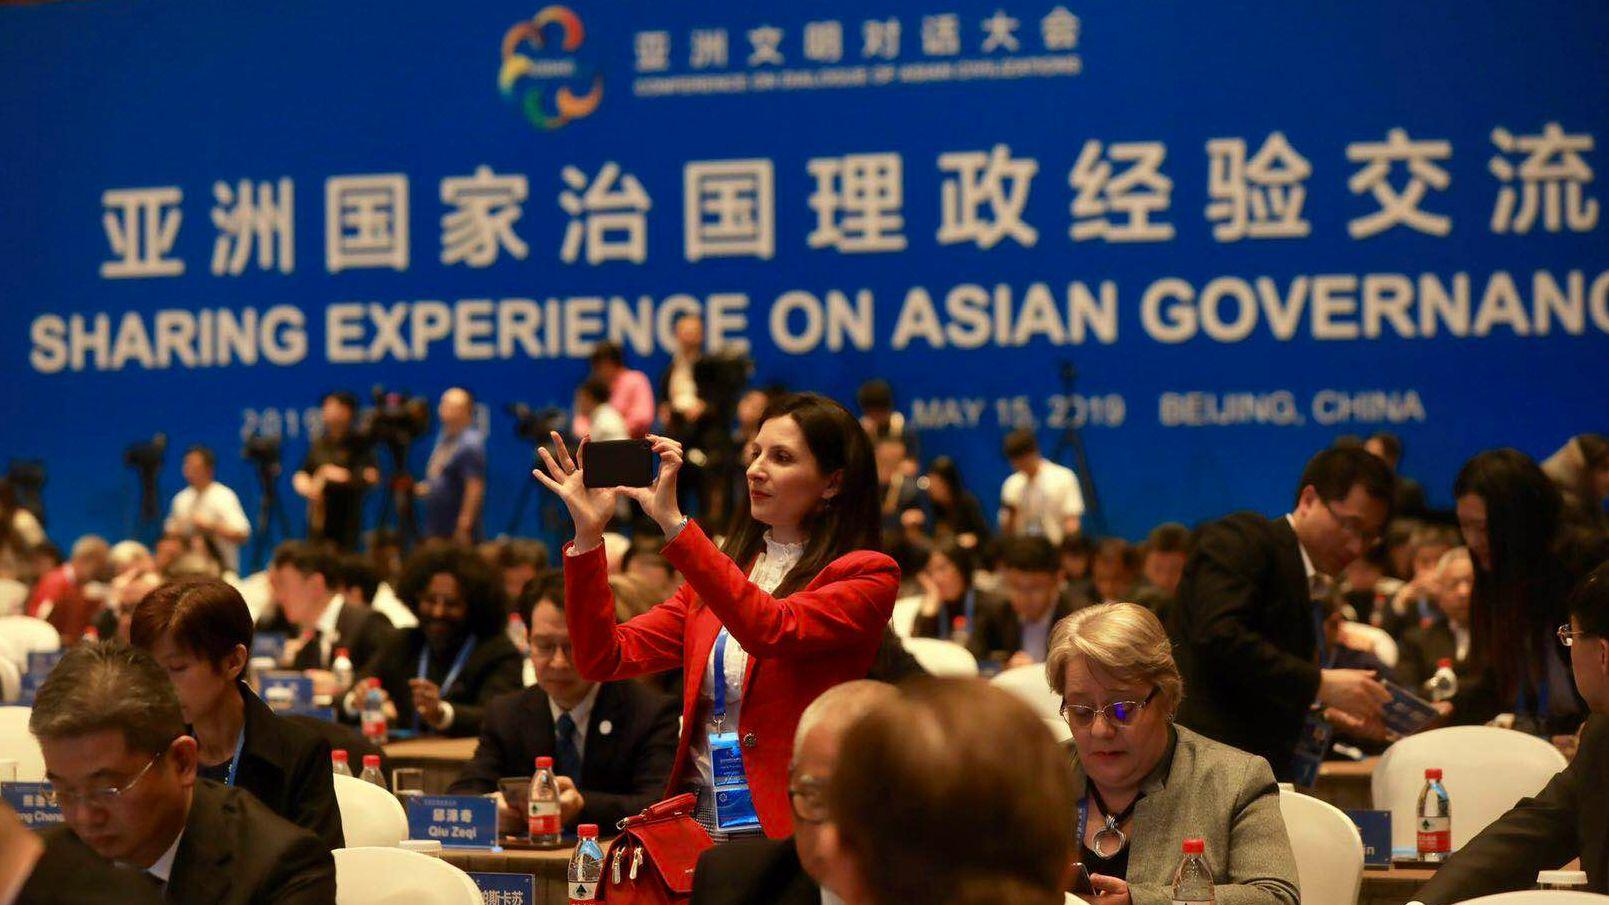 5月15日下午,亞洲文明對話大會舉行亞洲國家治國理政經驗交流分論壇。新京報記者 浦峯 攝